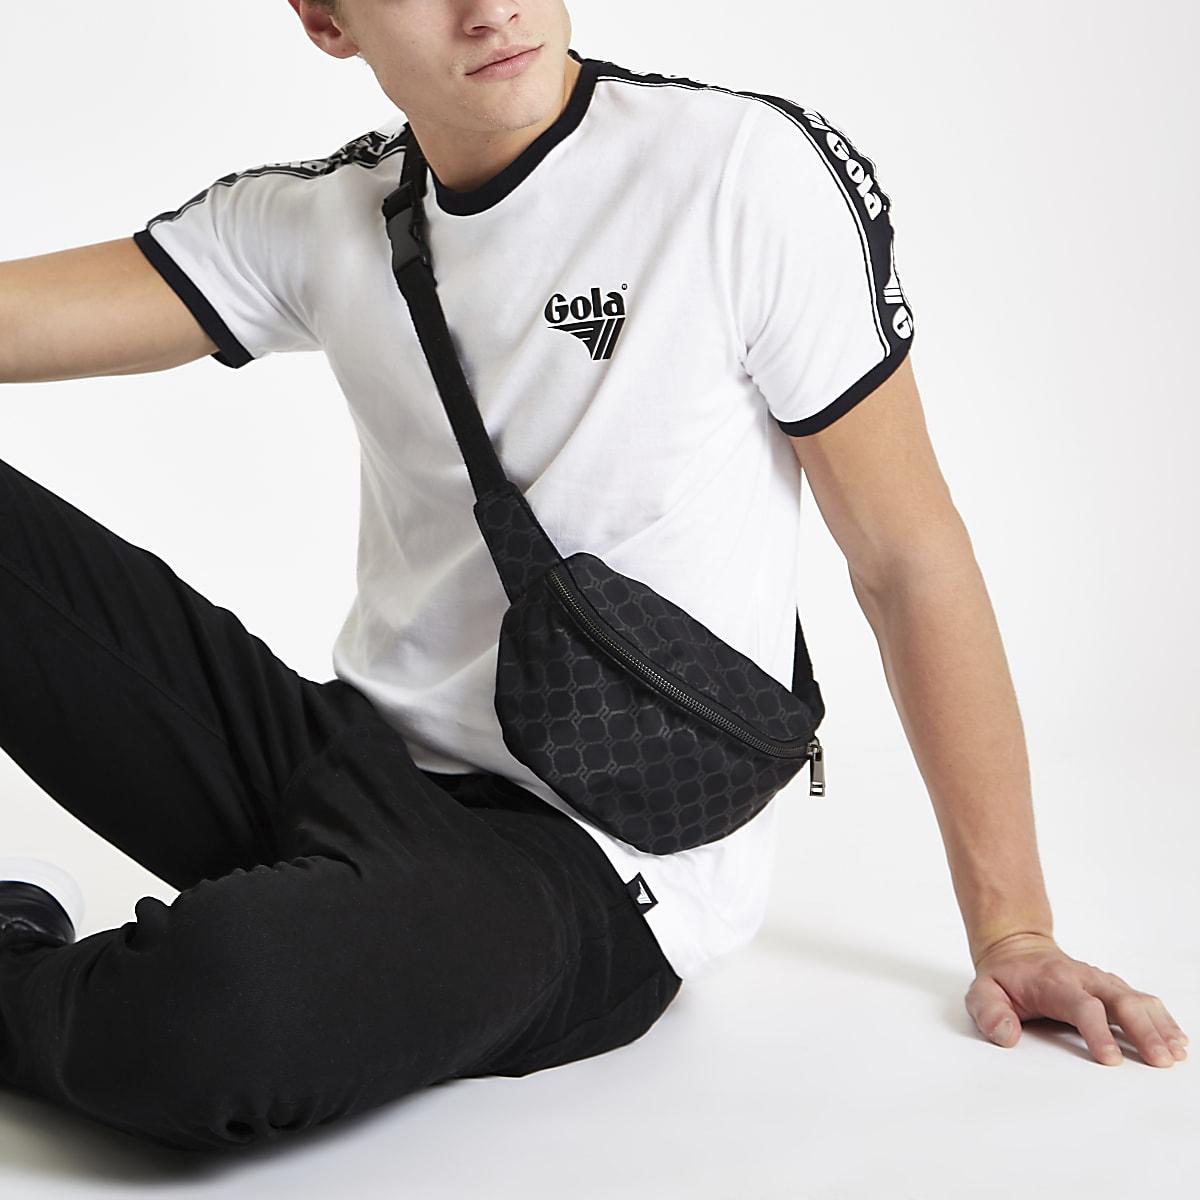 Gola white tipped crew neck T-shirt